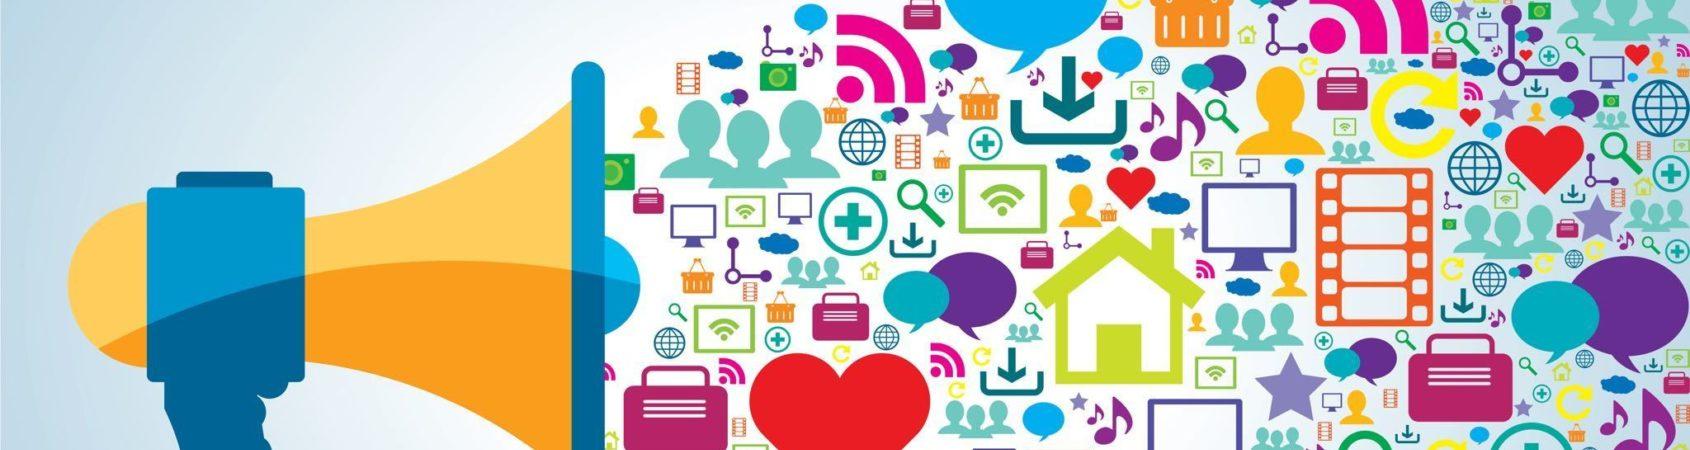 Une stratégie médias sociaux pour les nuls